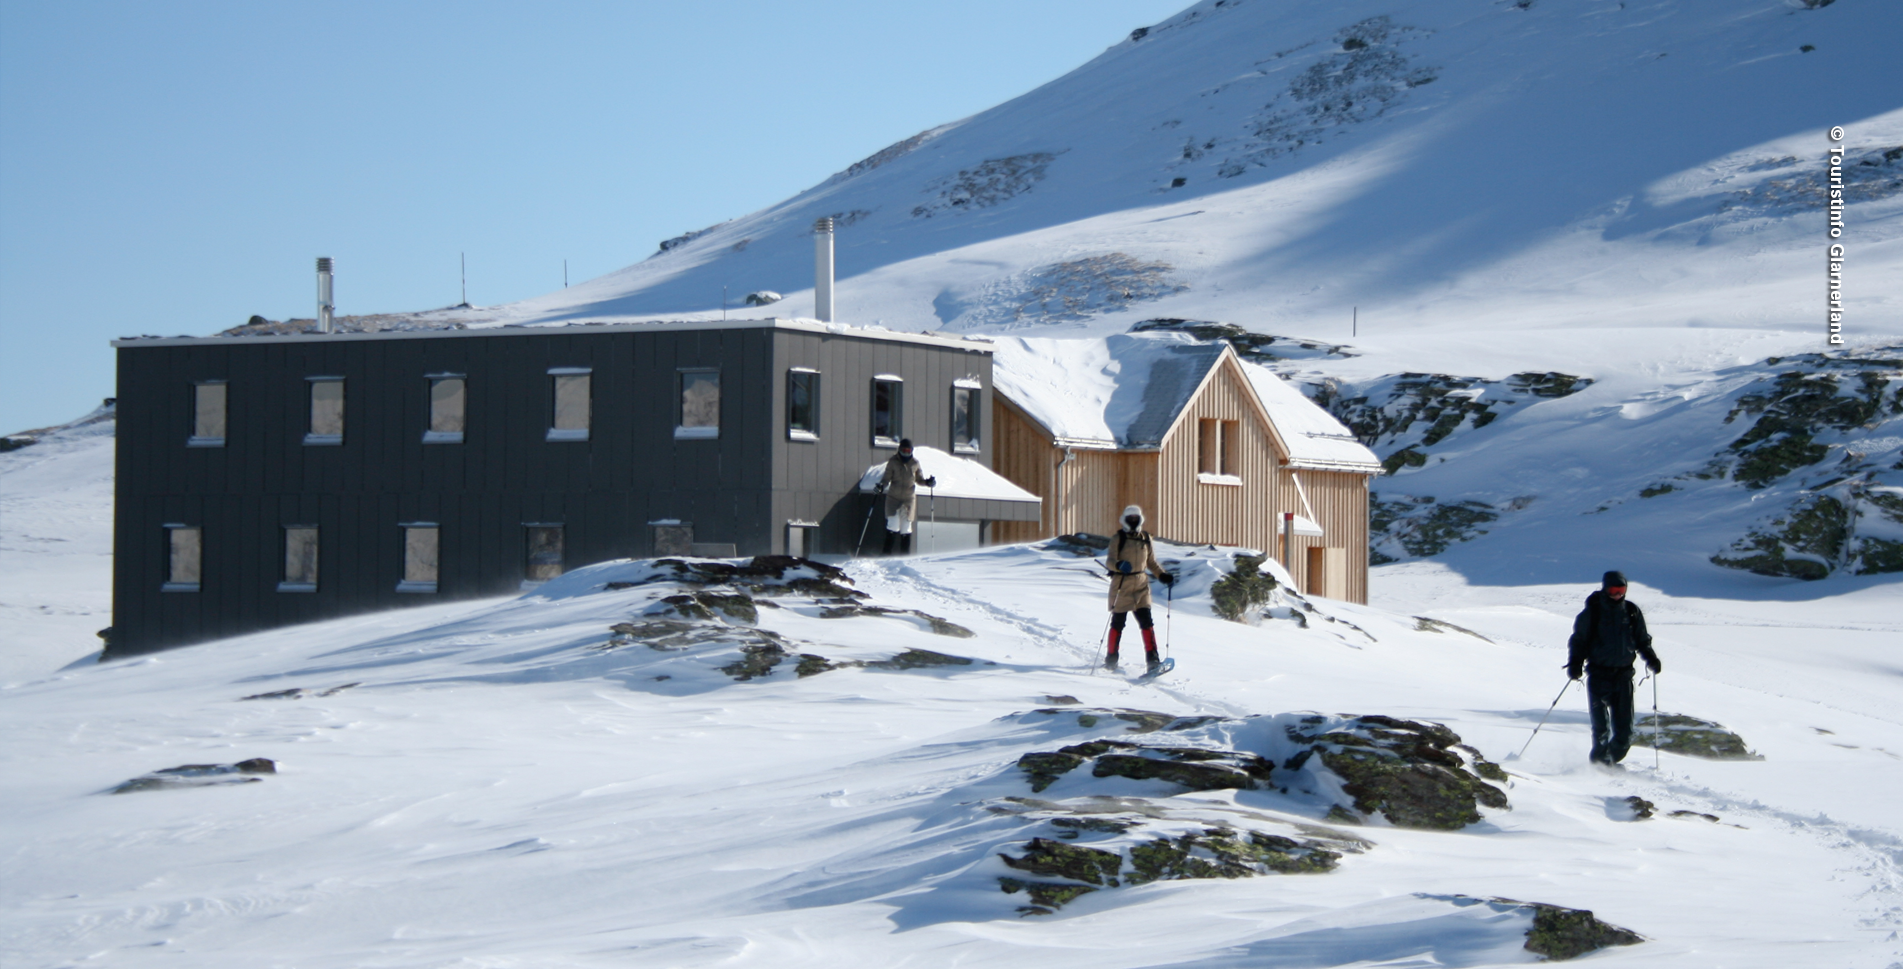 Schneeschuhtour / Schneeschuhwanderung von Mettmen, oberhalb Kies (Niederental), im Glarnerland, via Garichti Stausee, Niederenalp, Sunnenbergfurggelen zur Leglerhütte SAC